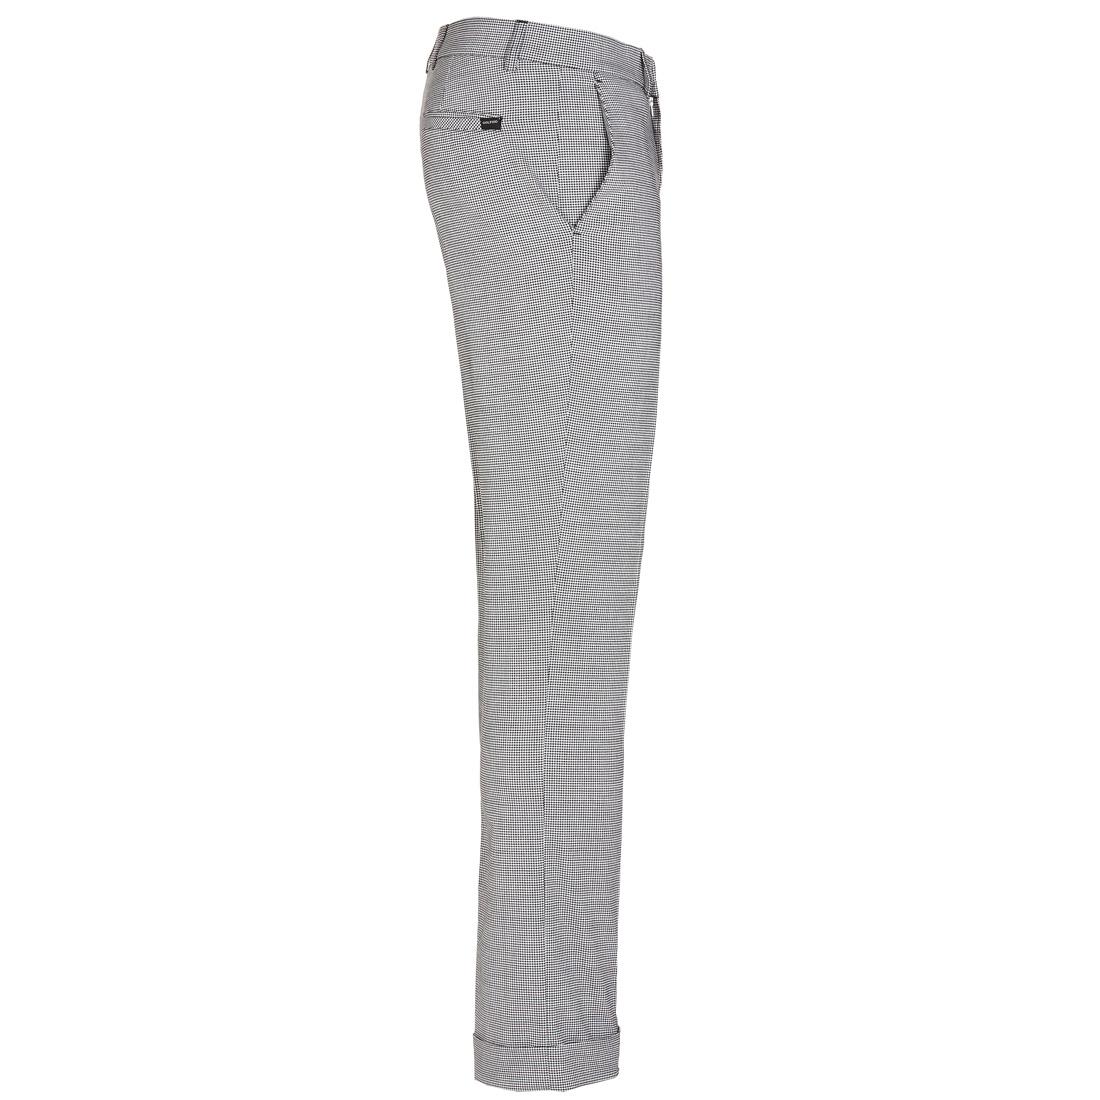 Vichy Stretch-Golfhose in Slim Fit für besten Tragekomfort